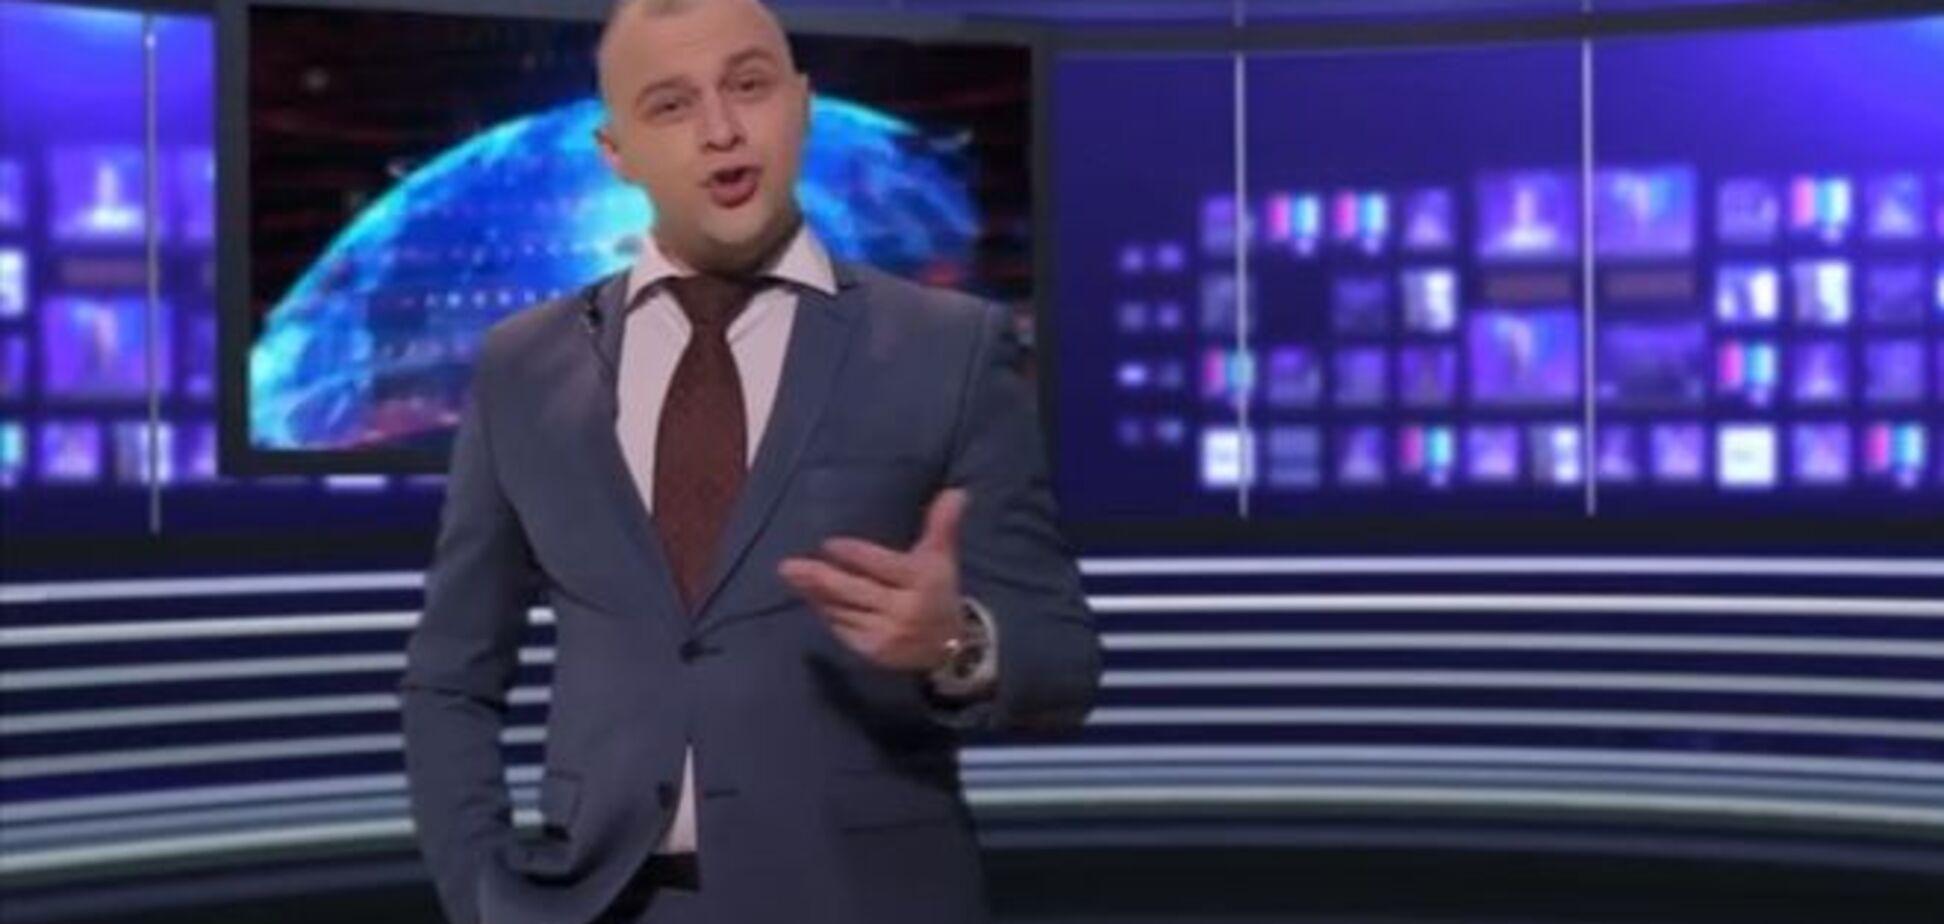 Интернет взорвала закарпатская пародия на пропагандиста Киселева